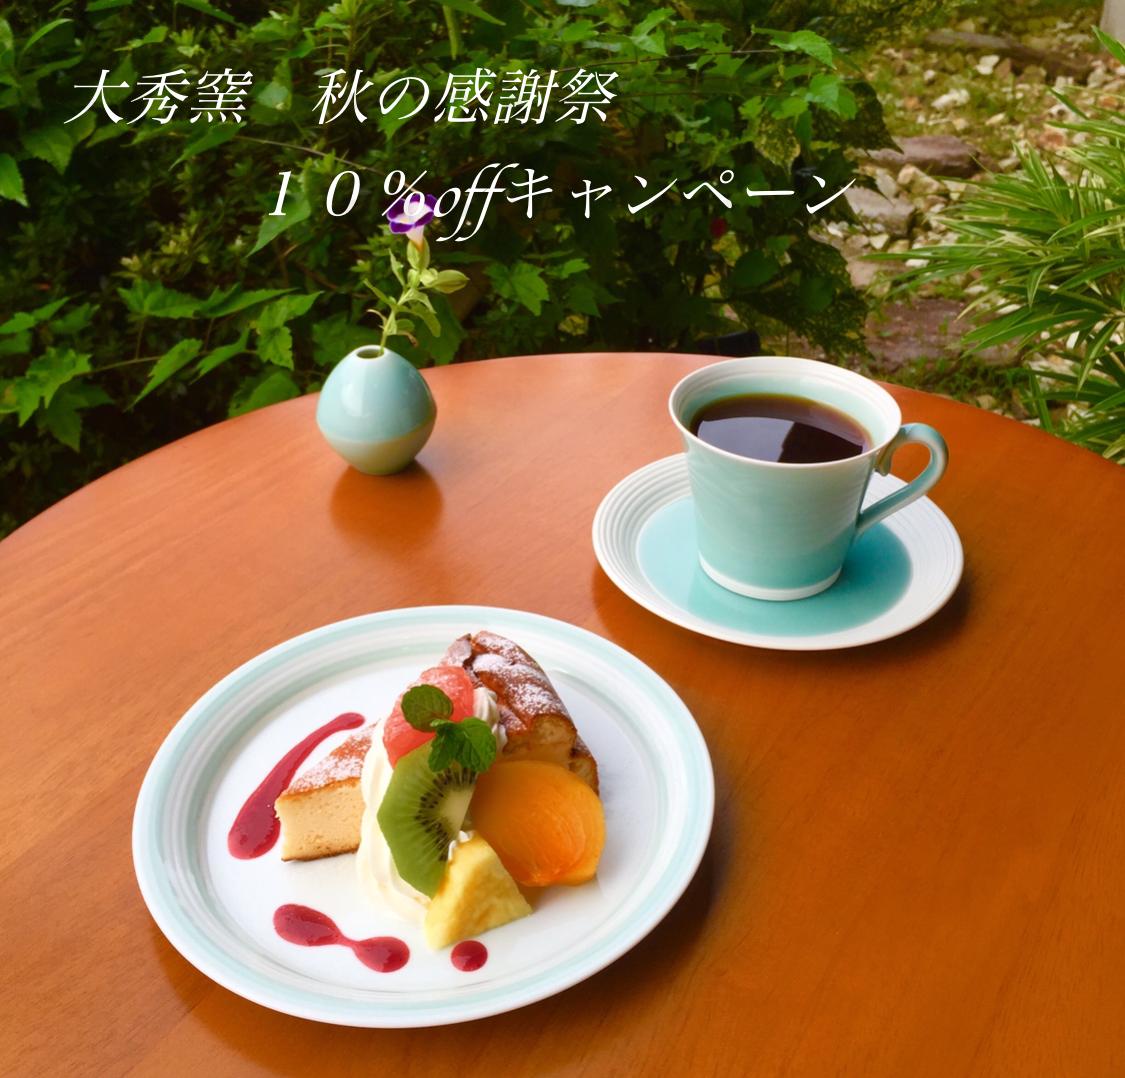 【大秀窯オンラインショップ第2弾企画】秋の感謝祭